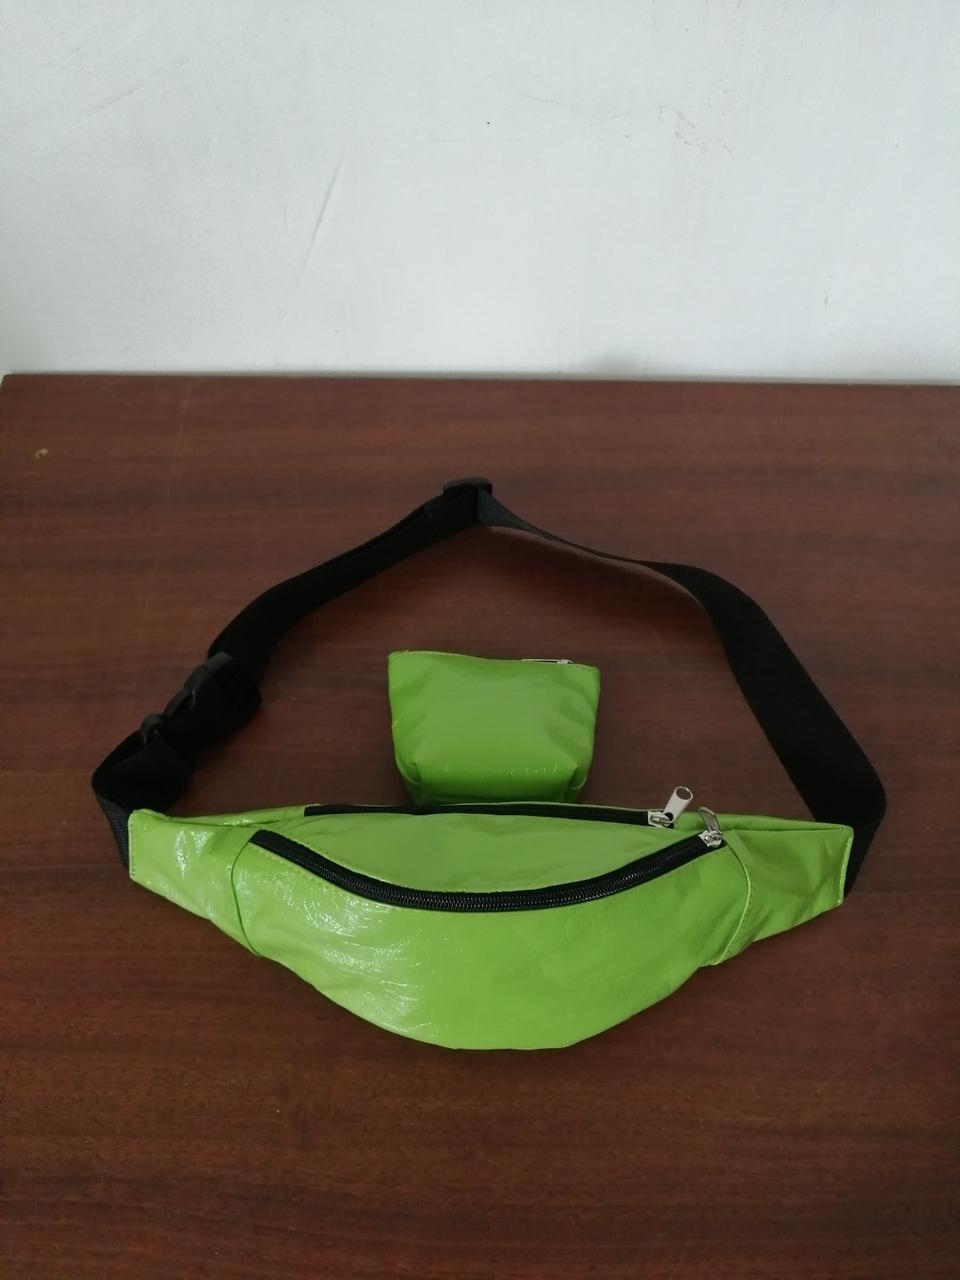 Сумка на пояс BANANA-DOG для прогулок,сумка на пояс бананка,сумка на пояс для бега